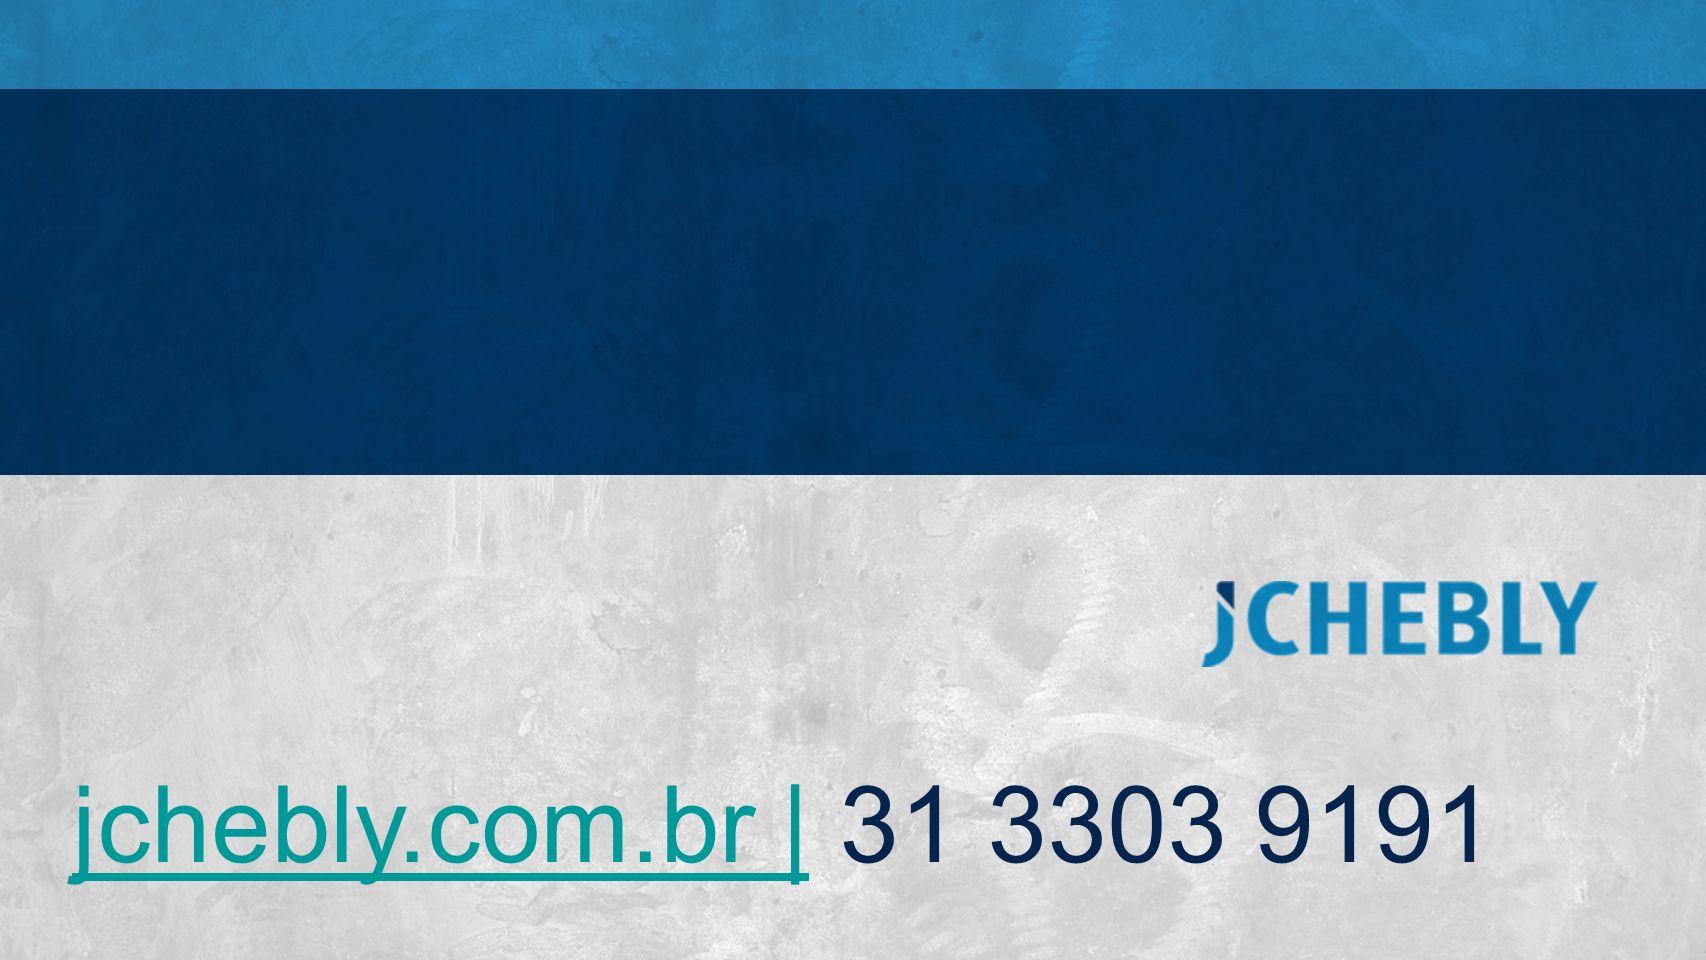 jchebly.com.br |jchebly.com.br | 31 3303 9191